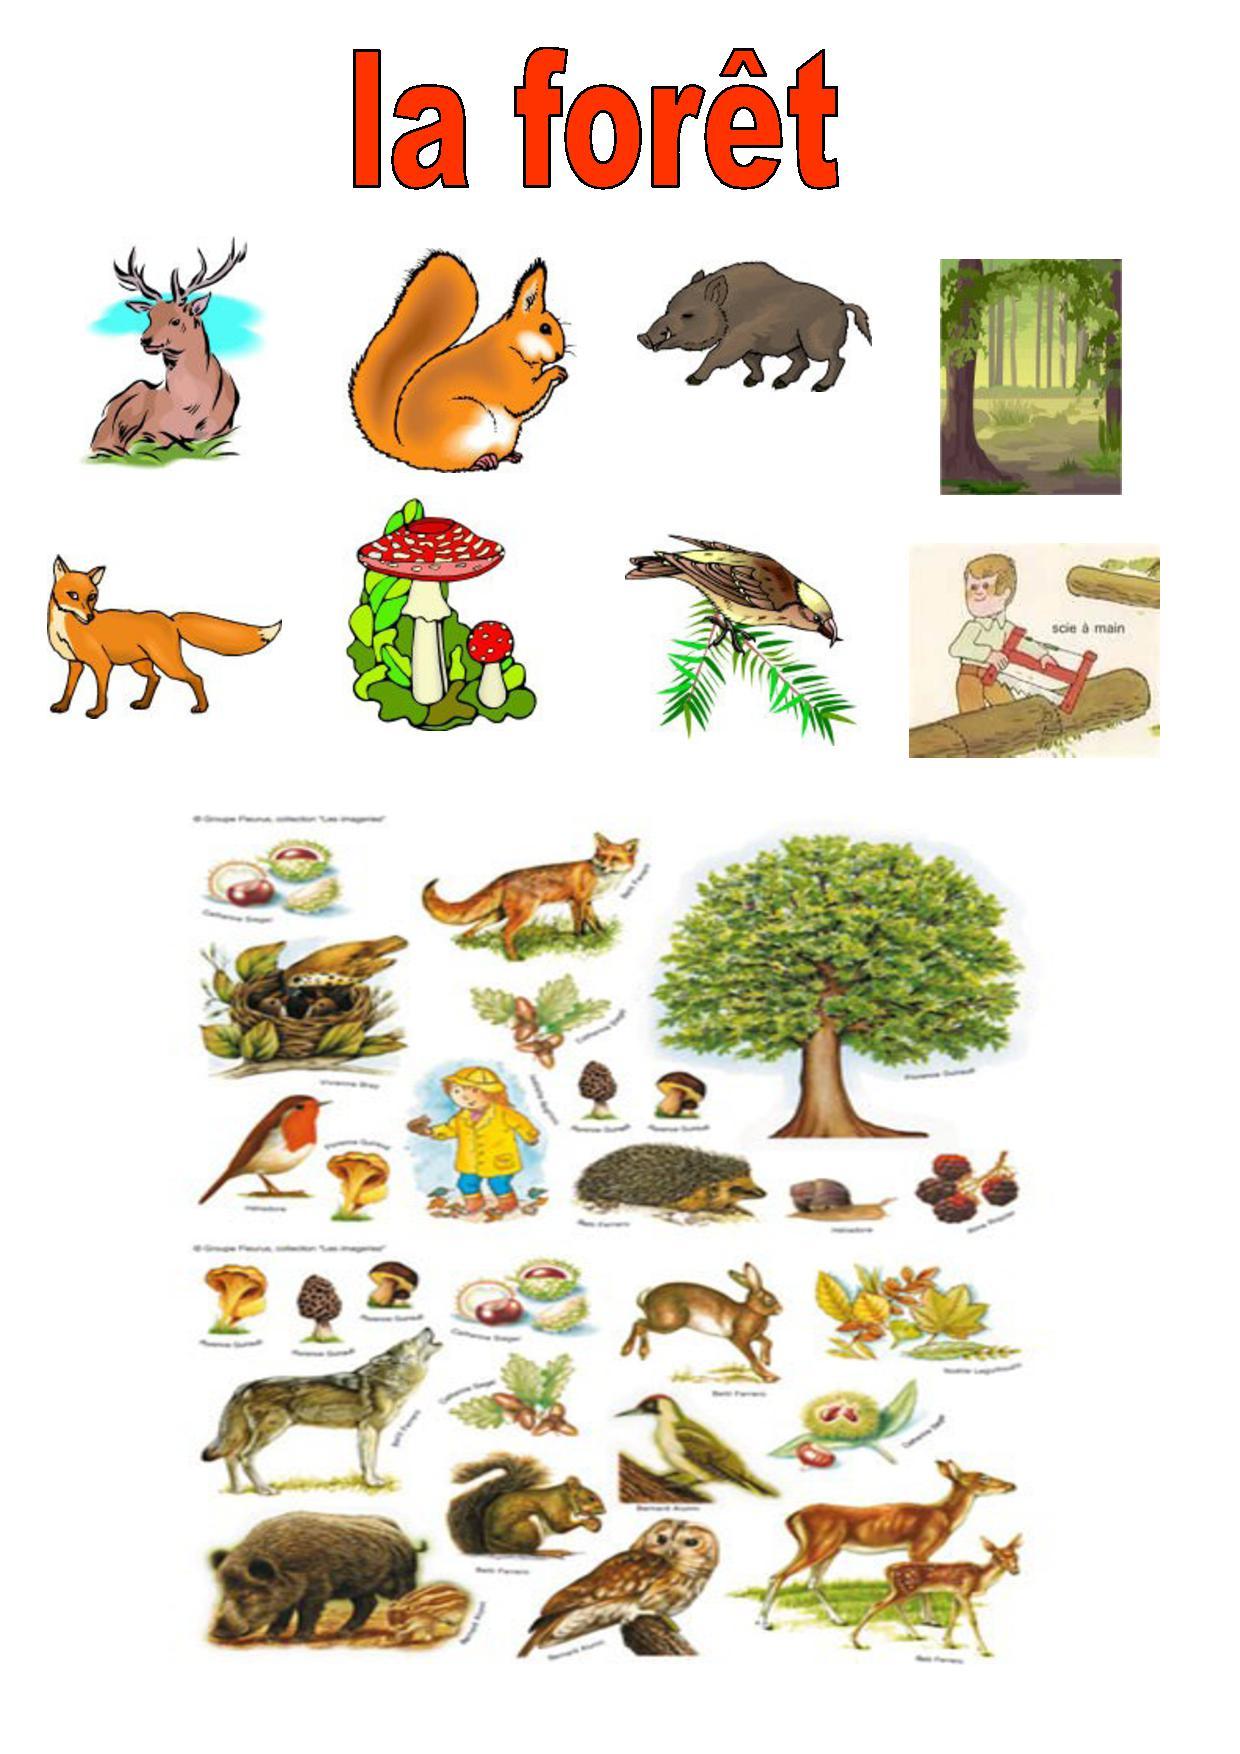 Vocabulaire 2,ce1,ce2, Imagiers, La Forêt,animaux, Végétaux, à Animaux Foret Maternelle